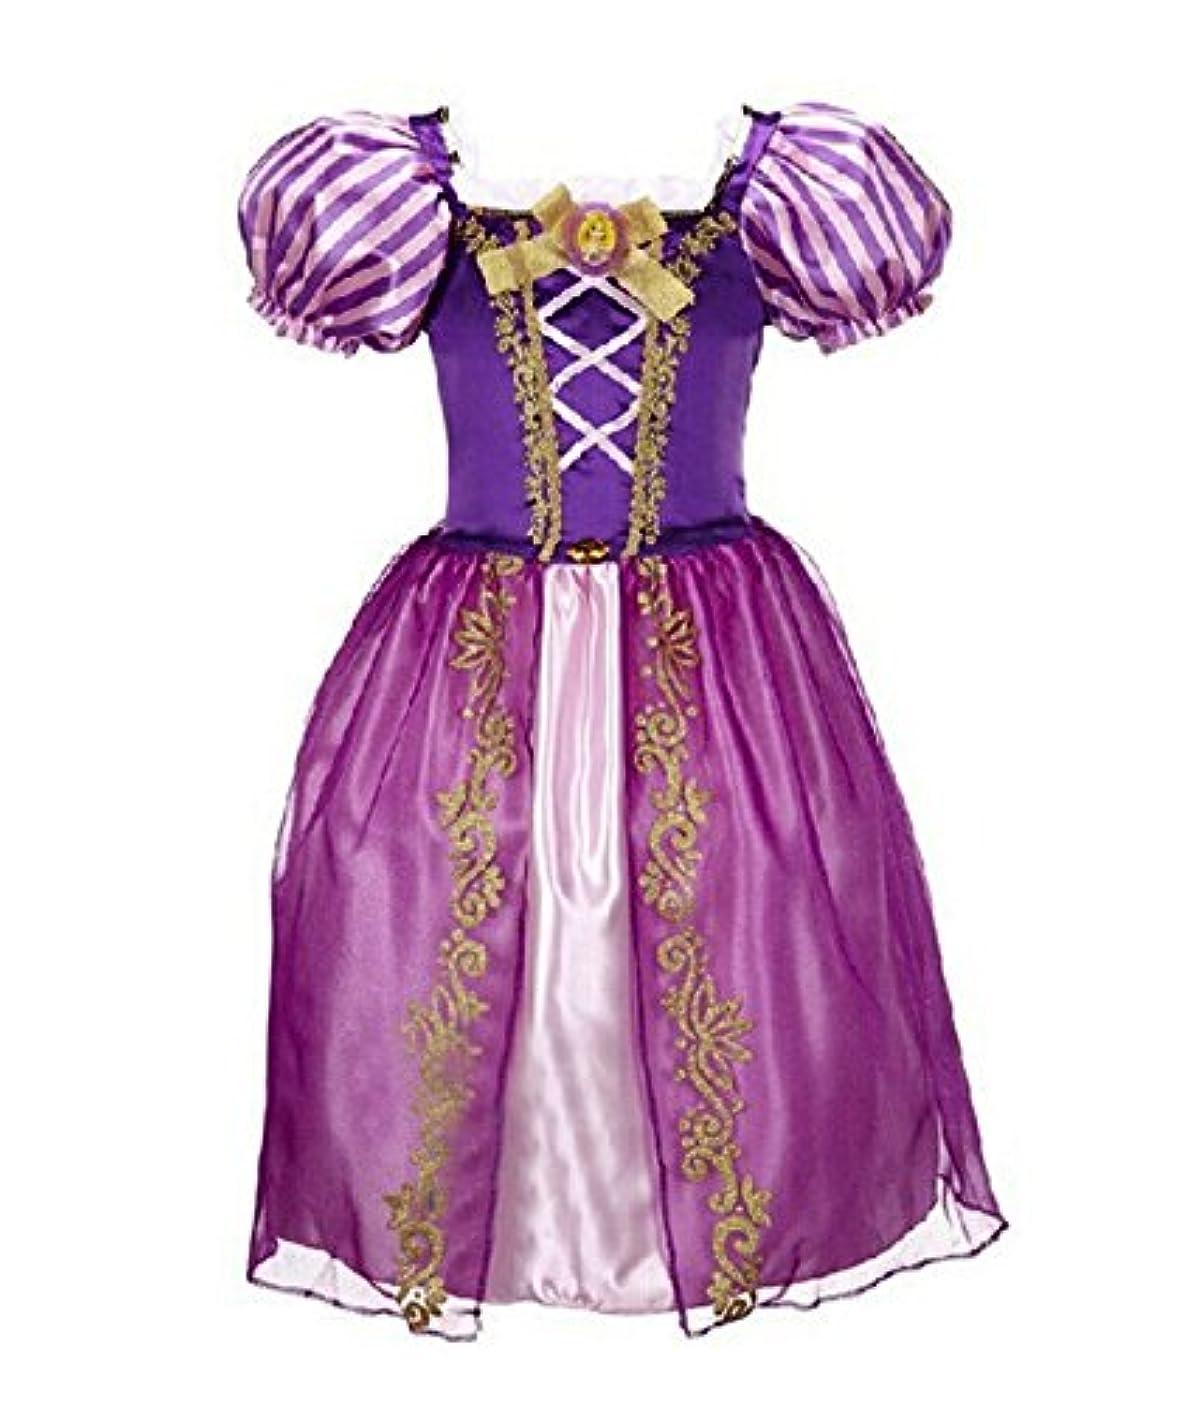 マトリックス保証金悲惨なディズニー 塔の上のラプンツェル ハロウィン仮装 かわいいドレス子供 誕生日プレゼント コスチューム (130)